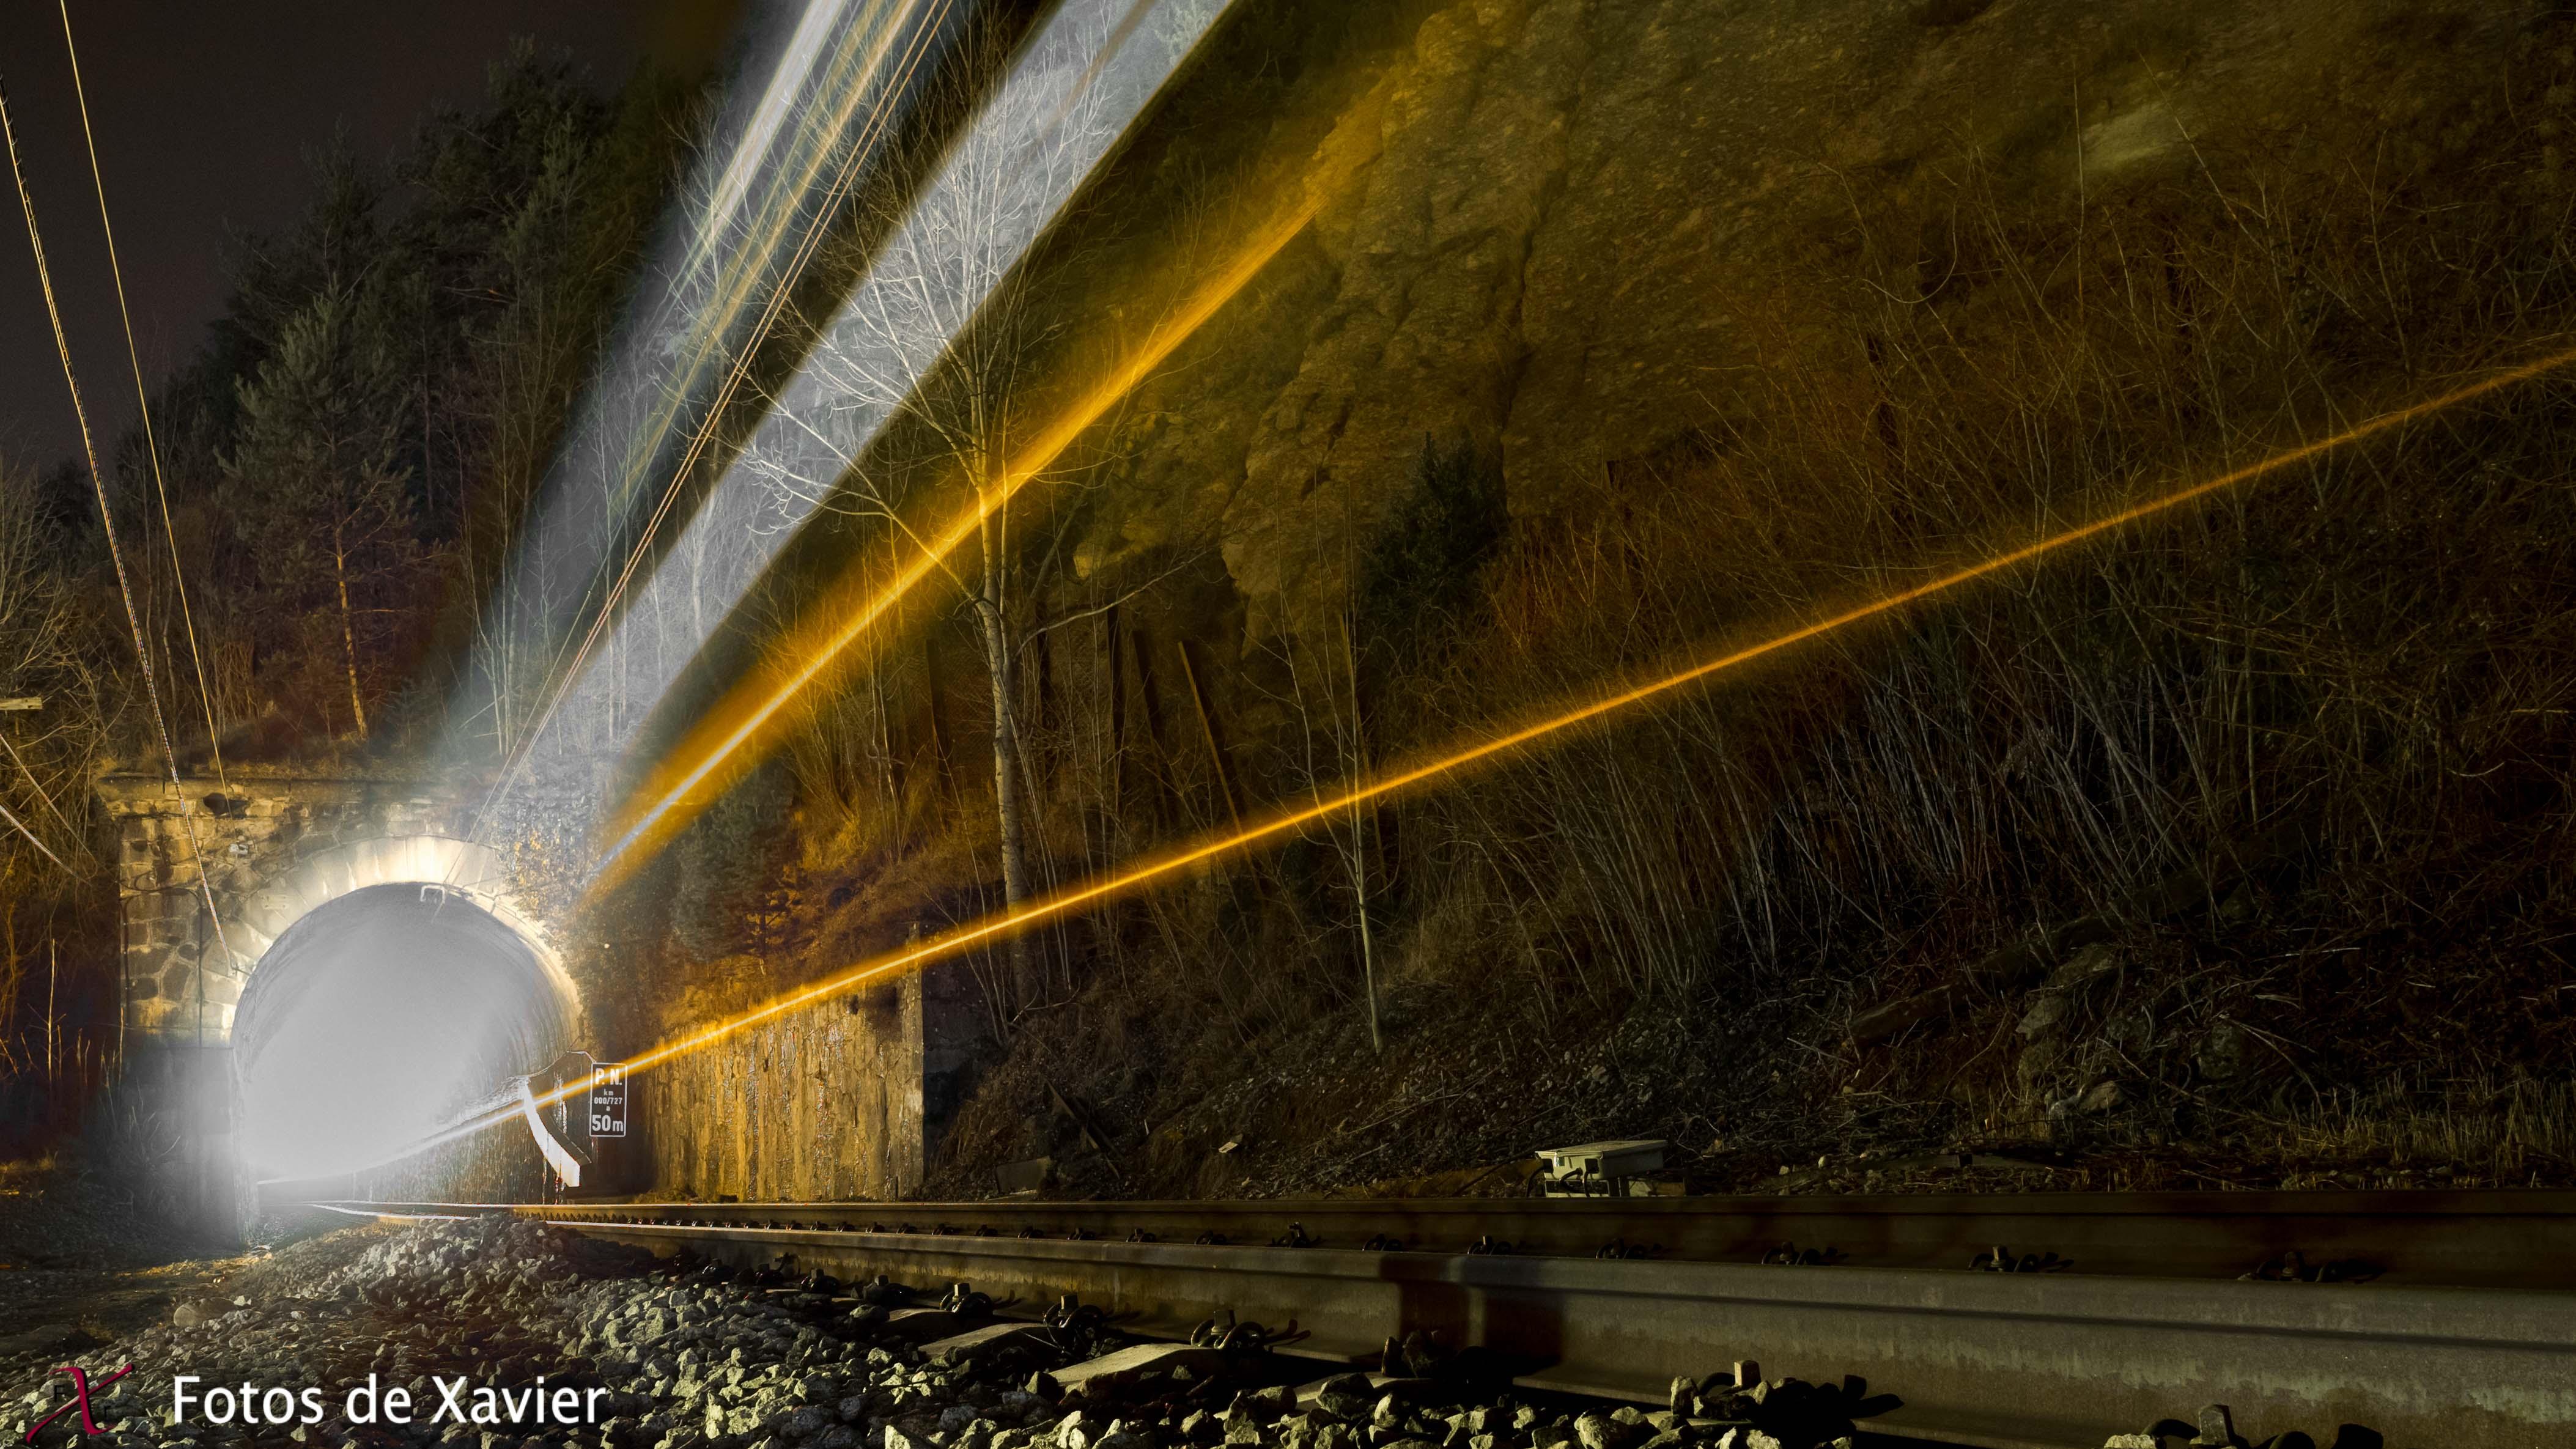 Túnel - Luz - Fotos de Xavier. Fotografia de naturaleza y paisaje. Xavier Linares